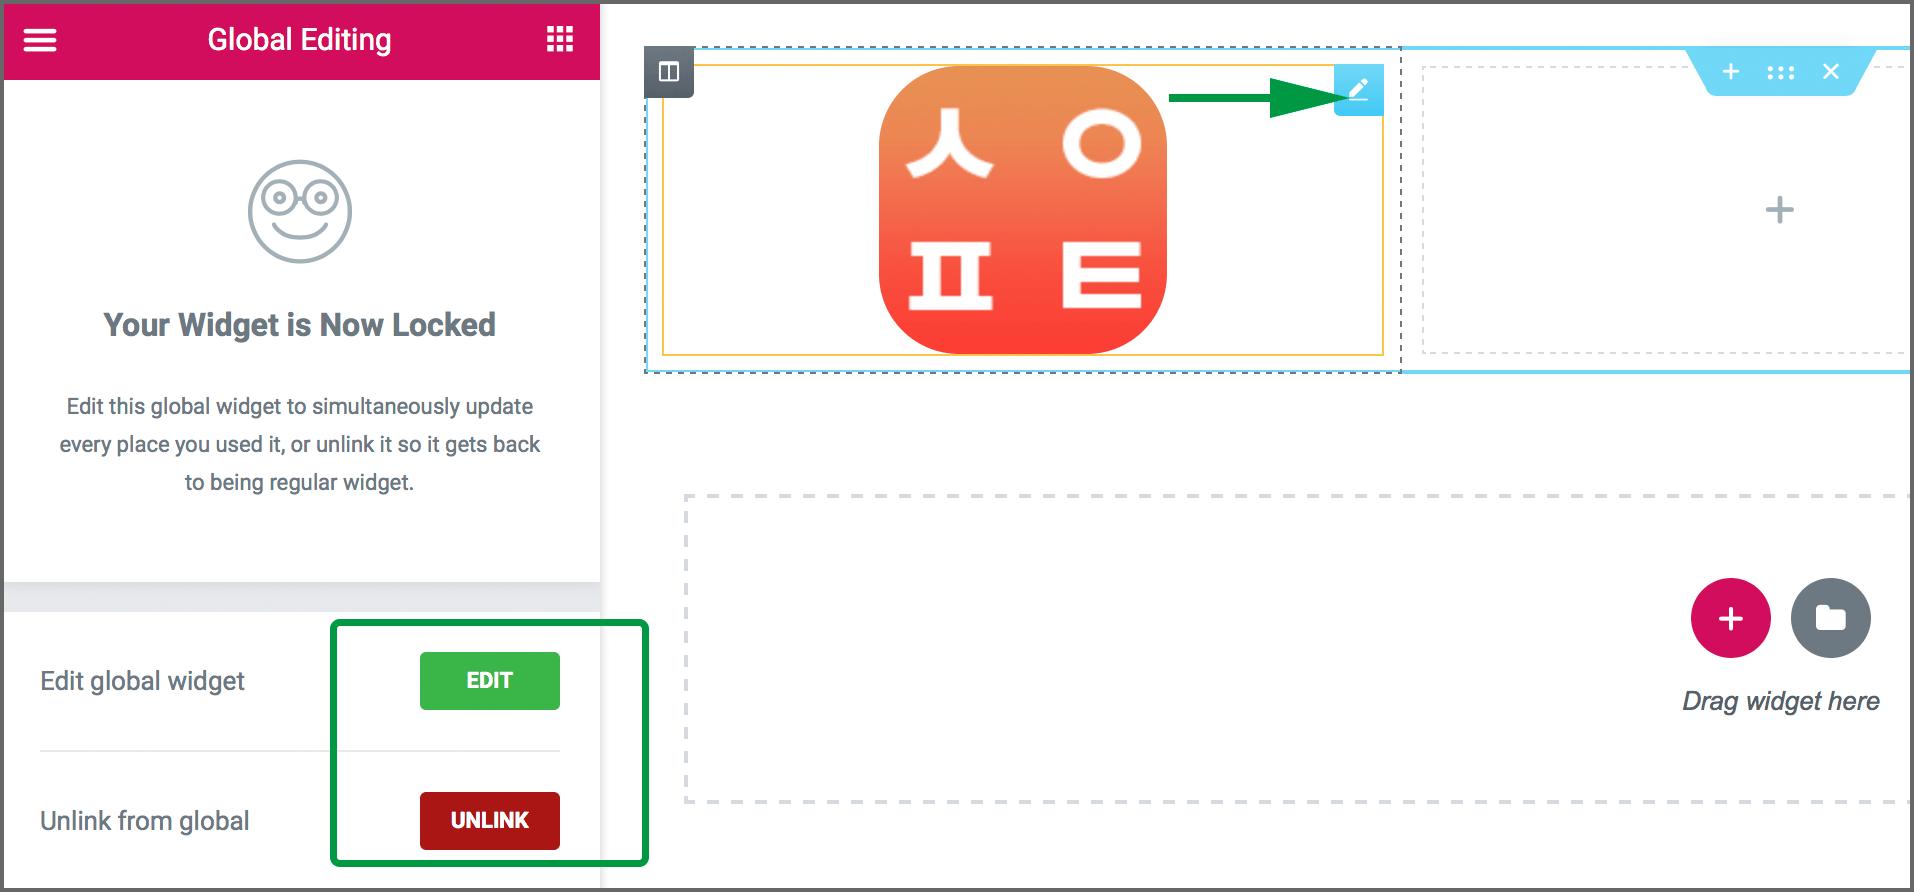 글로벌위젯을 클릭하자 왼쪽패널에는 Your Widget is Now Locked 메시지와 EDIT, UNLINK 두개의 버튼이 존재한다